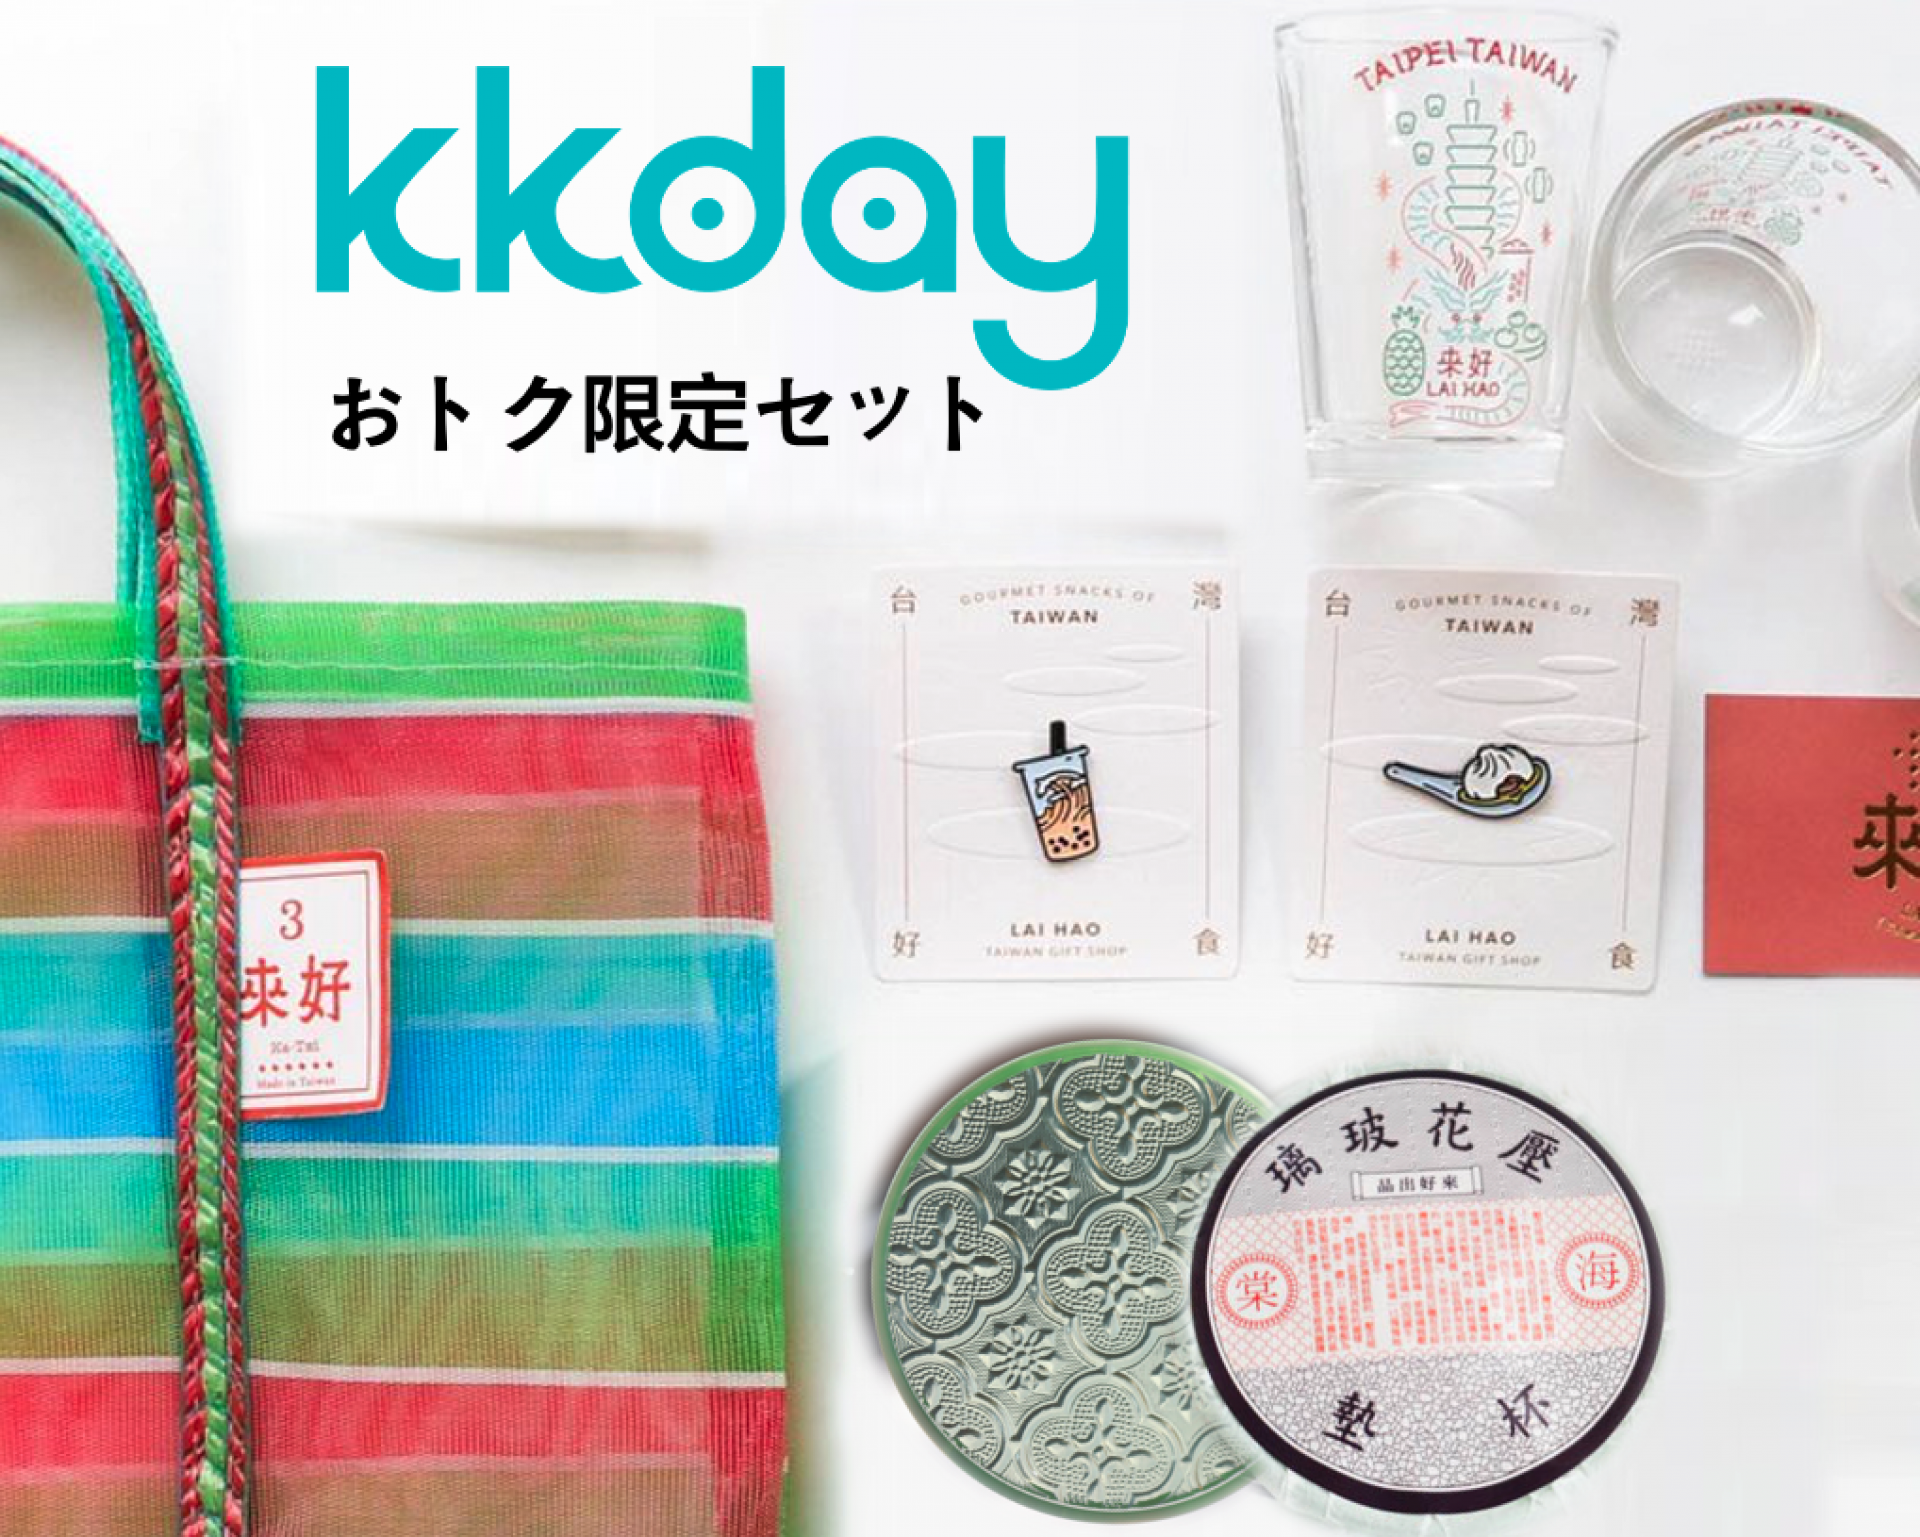 おうちで台湾|来好(ライハオ)KKday限定 おトクな台湾レトロ雑貨セット(エコバッグ・グラス・バッジ等)|日本国内送料無料